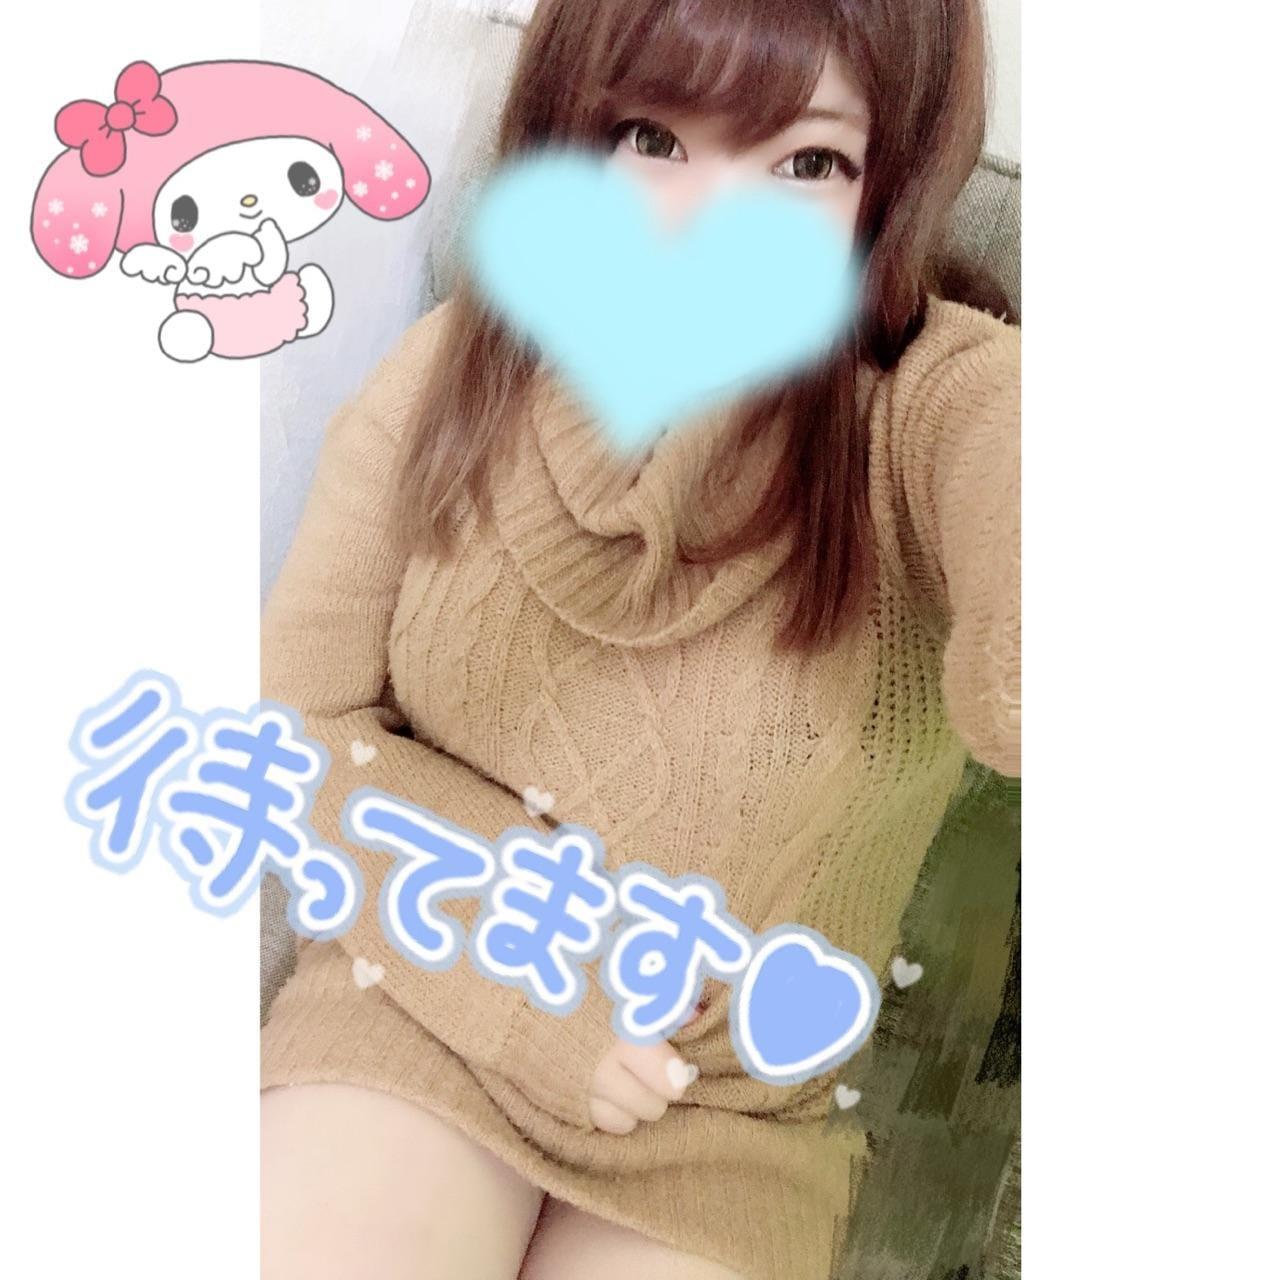 「【 して??? 】」02/27(02/27) 17:10   まなみの写メ・風俗動画